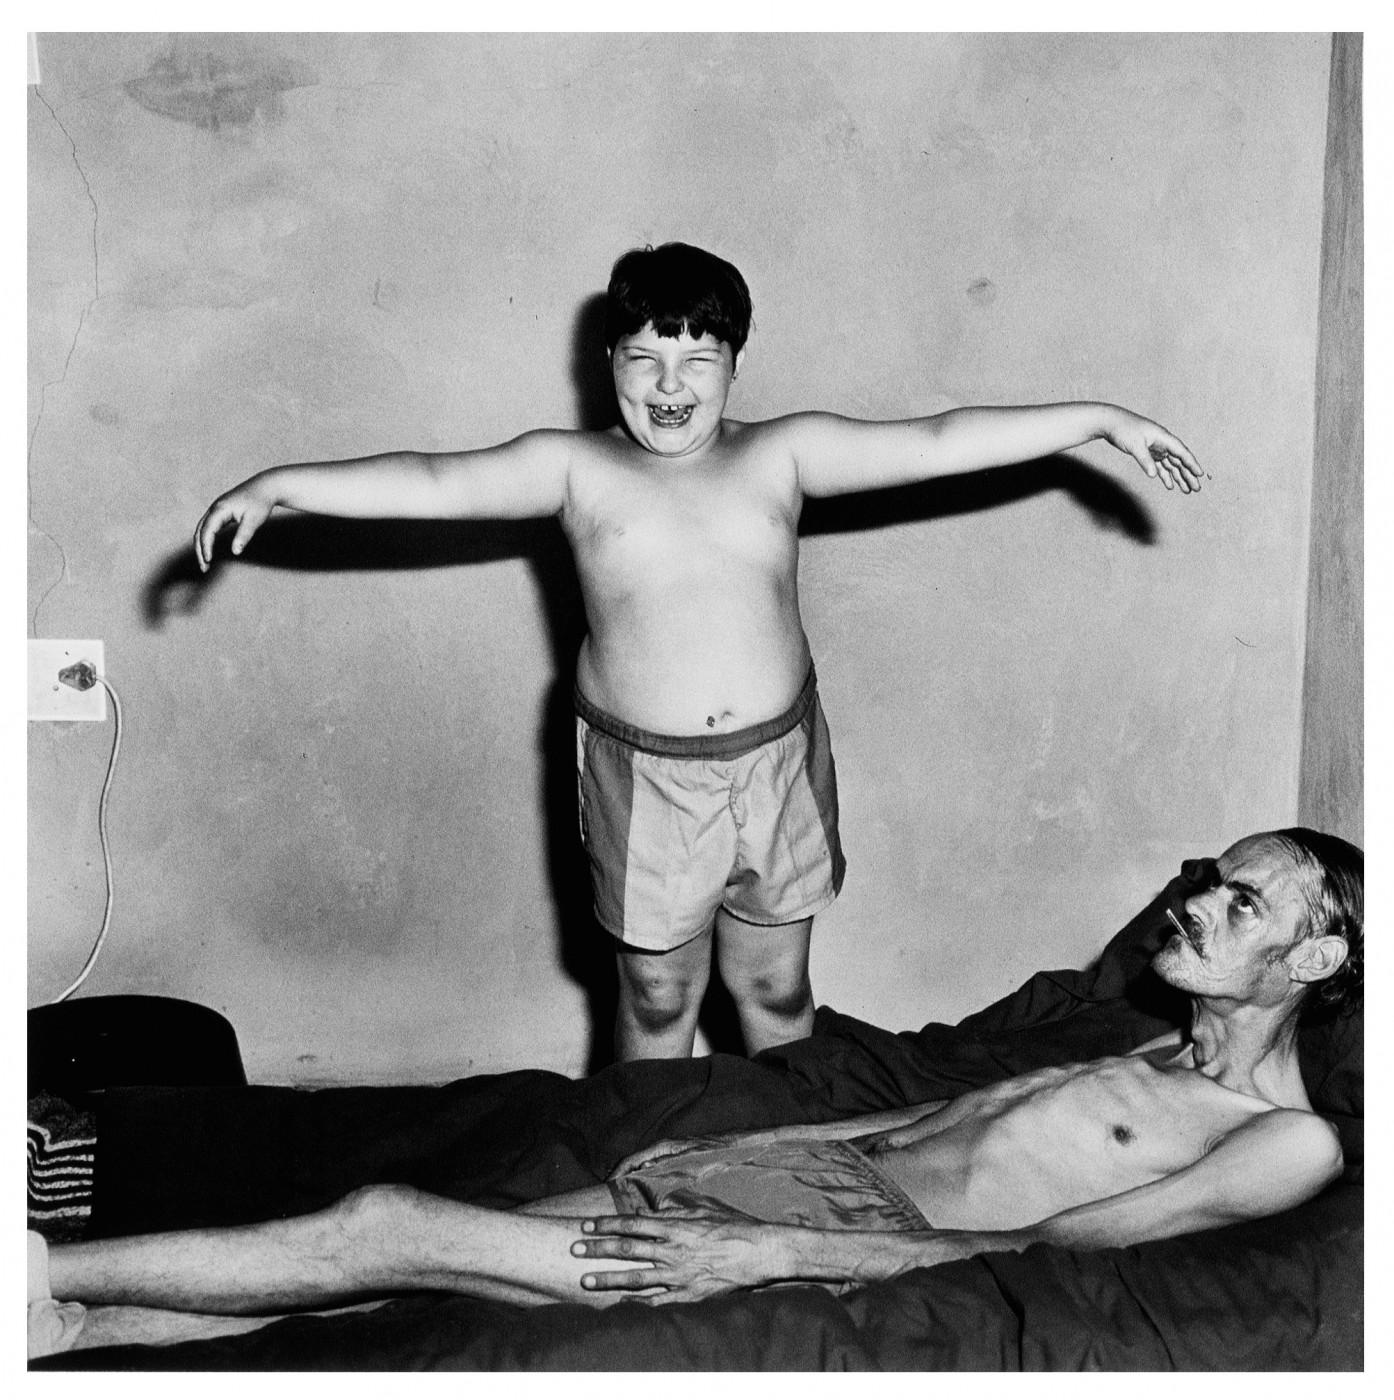 Roger Ballen, </span><span><em>Sickroom, 2000</em>